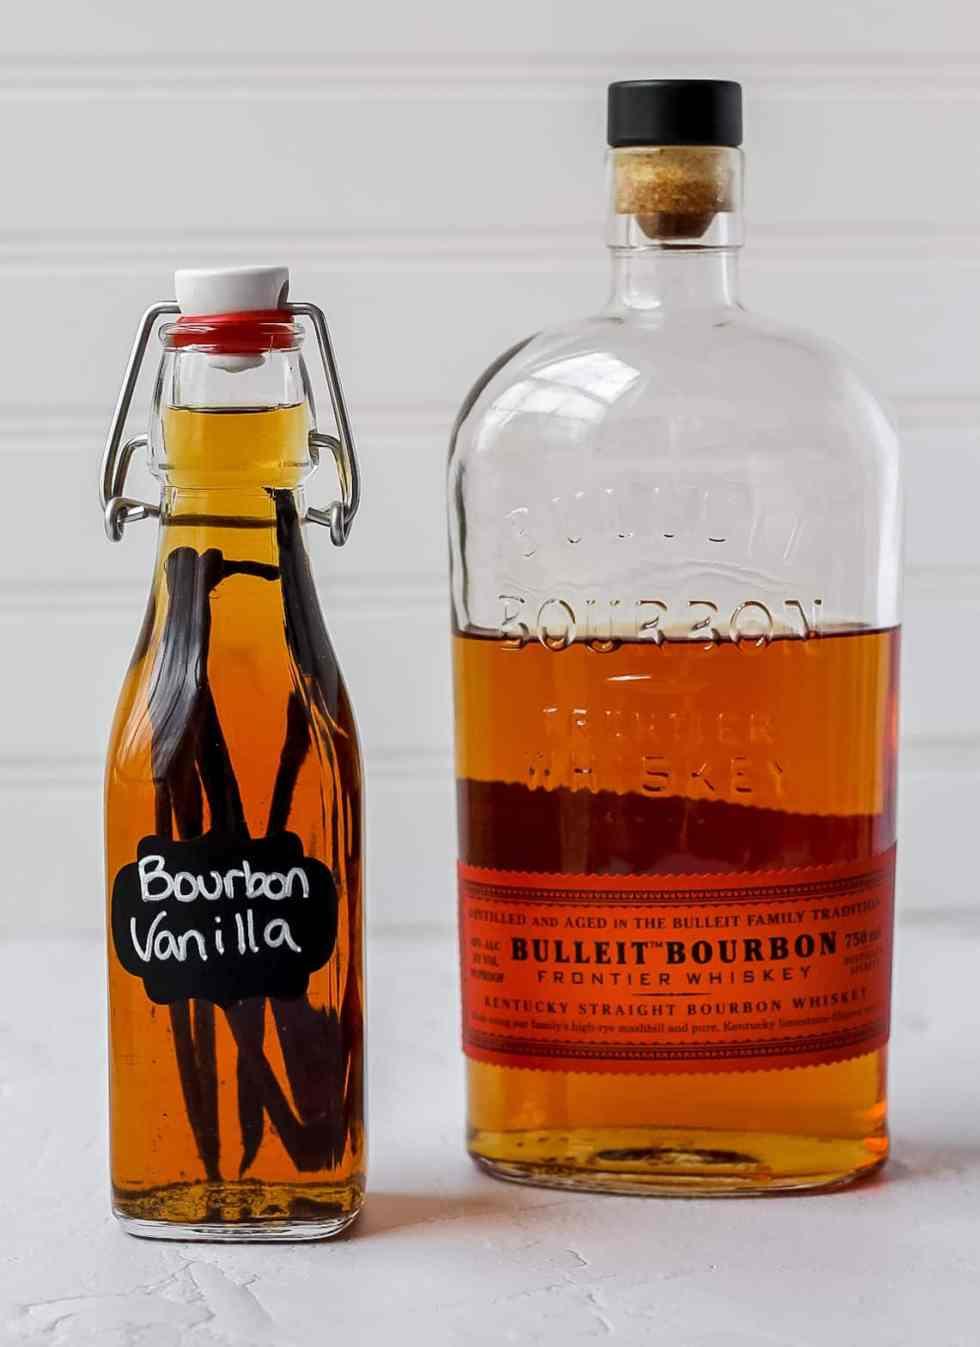 bourbon vanilla and bottle of bourbon